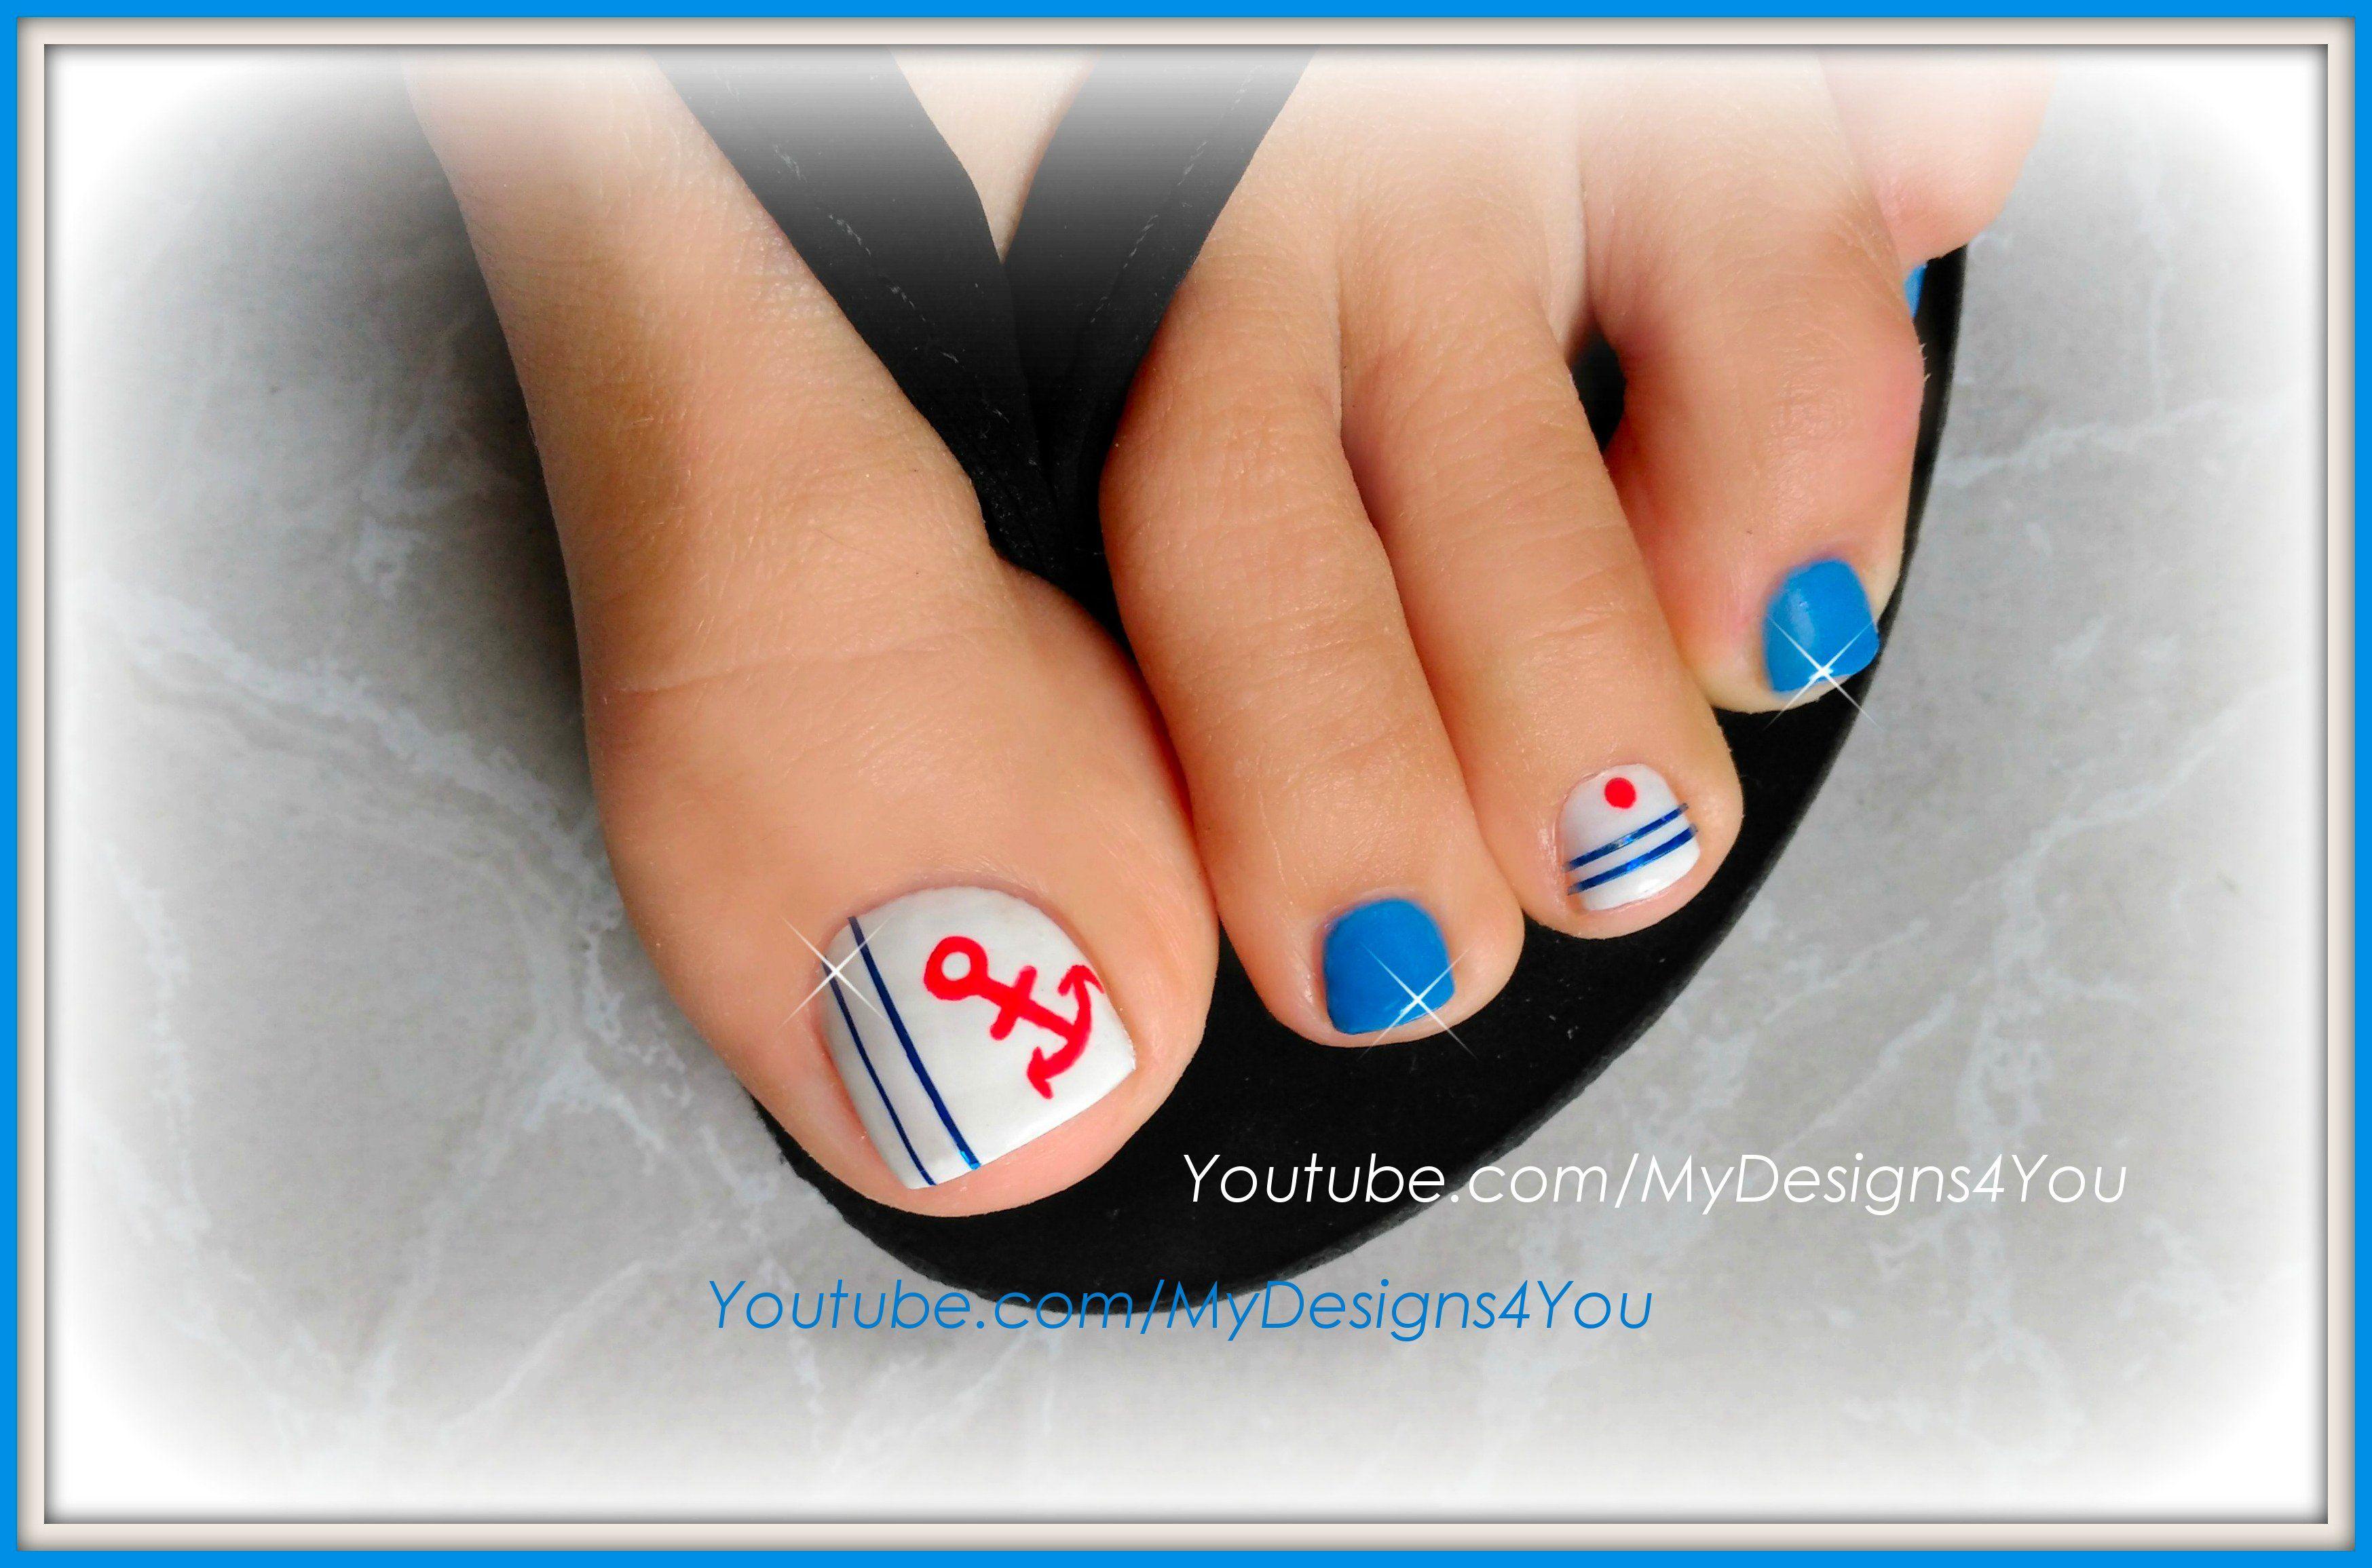 Pin By Amanda Millet On Nails Pinterest Nail Art Nails And Toe